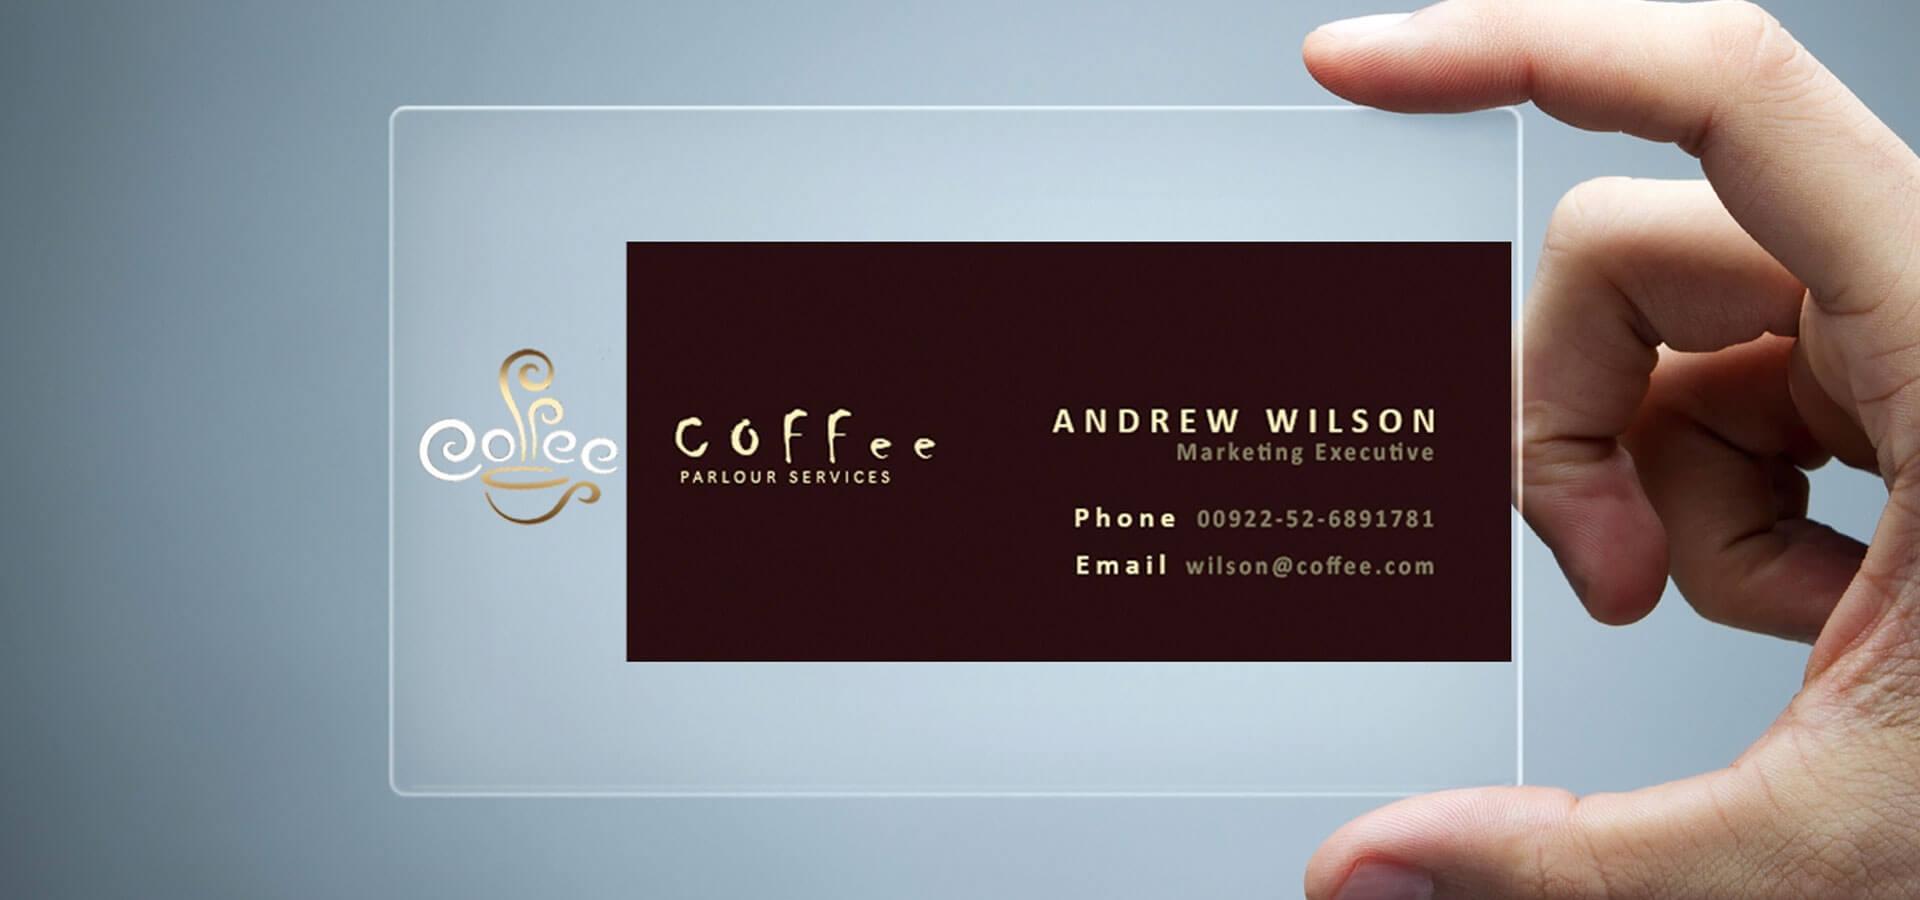 26+ Transparent Business Card Templates - Illustrator, Ms Within Pages Business Card Template